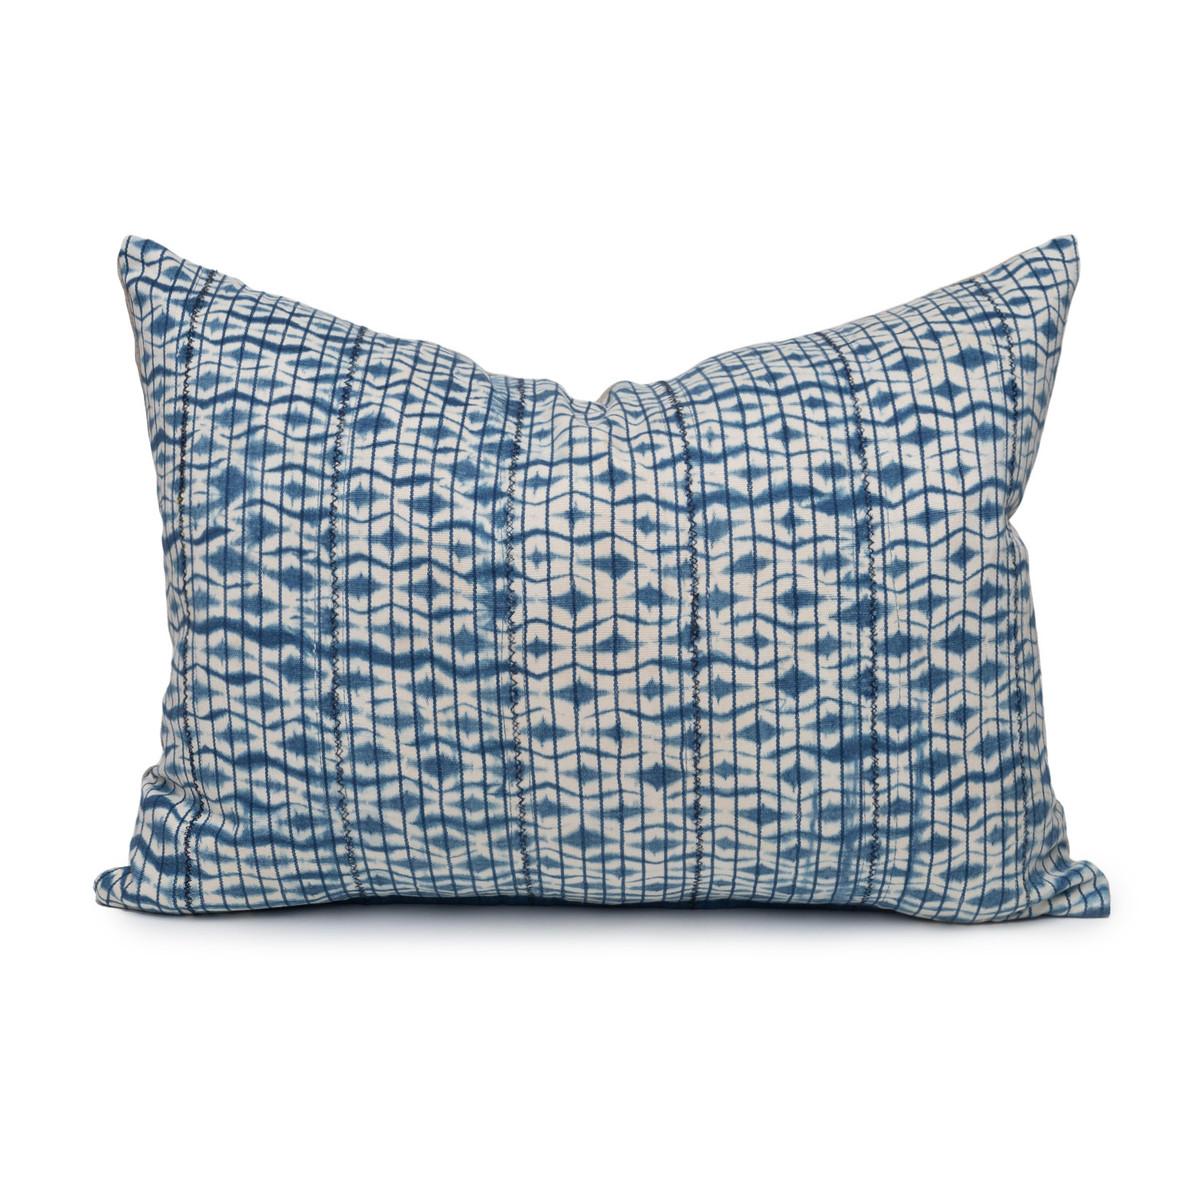 Indigo Sea Lumbar Pillow- 1622- Front View